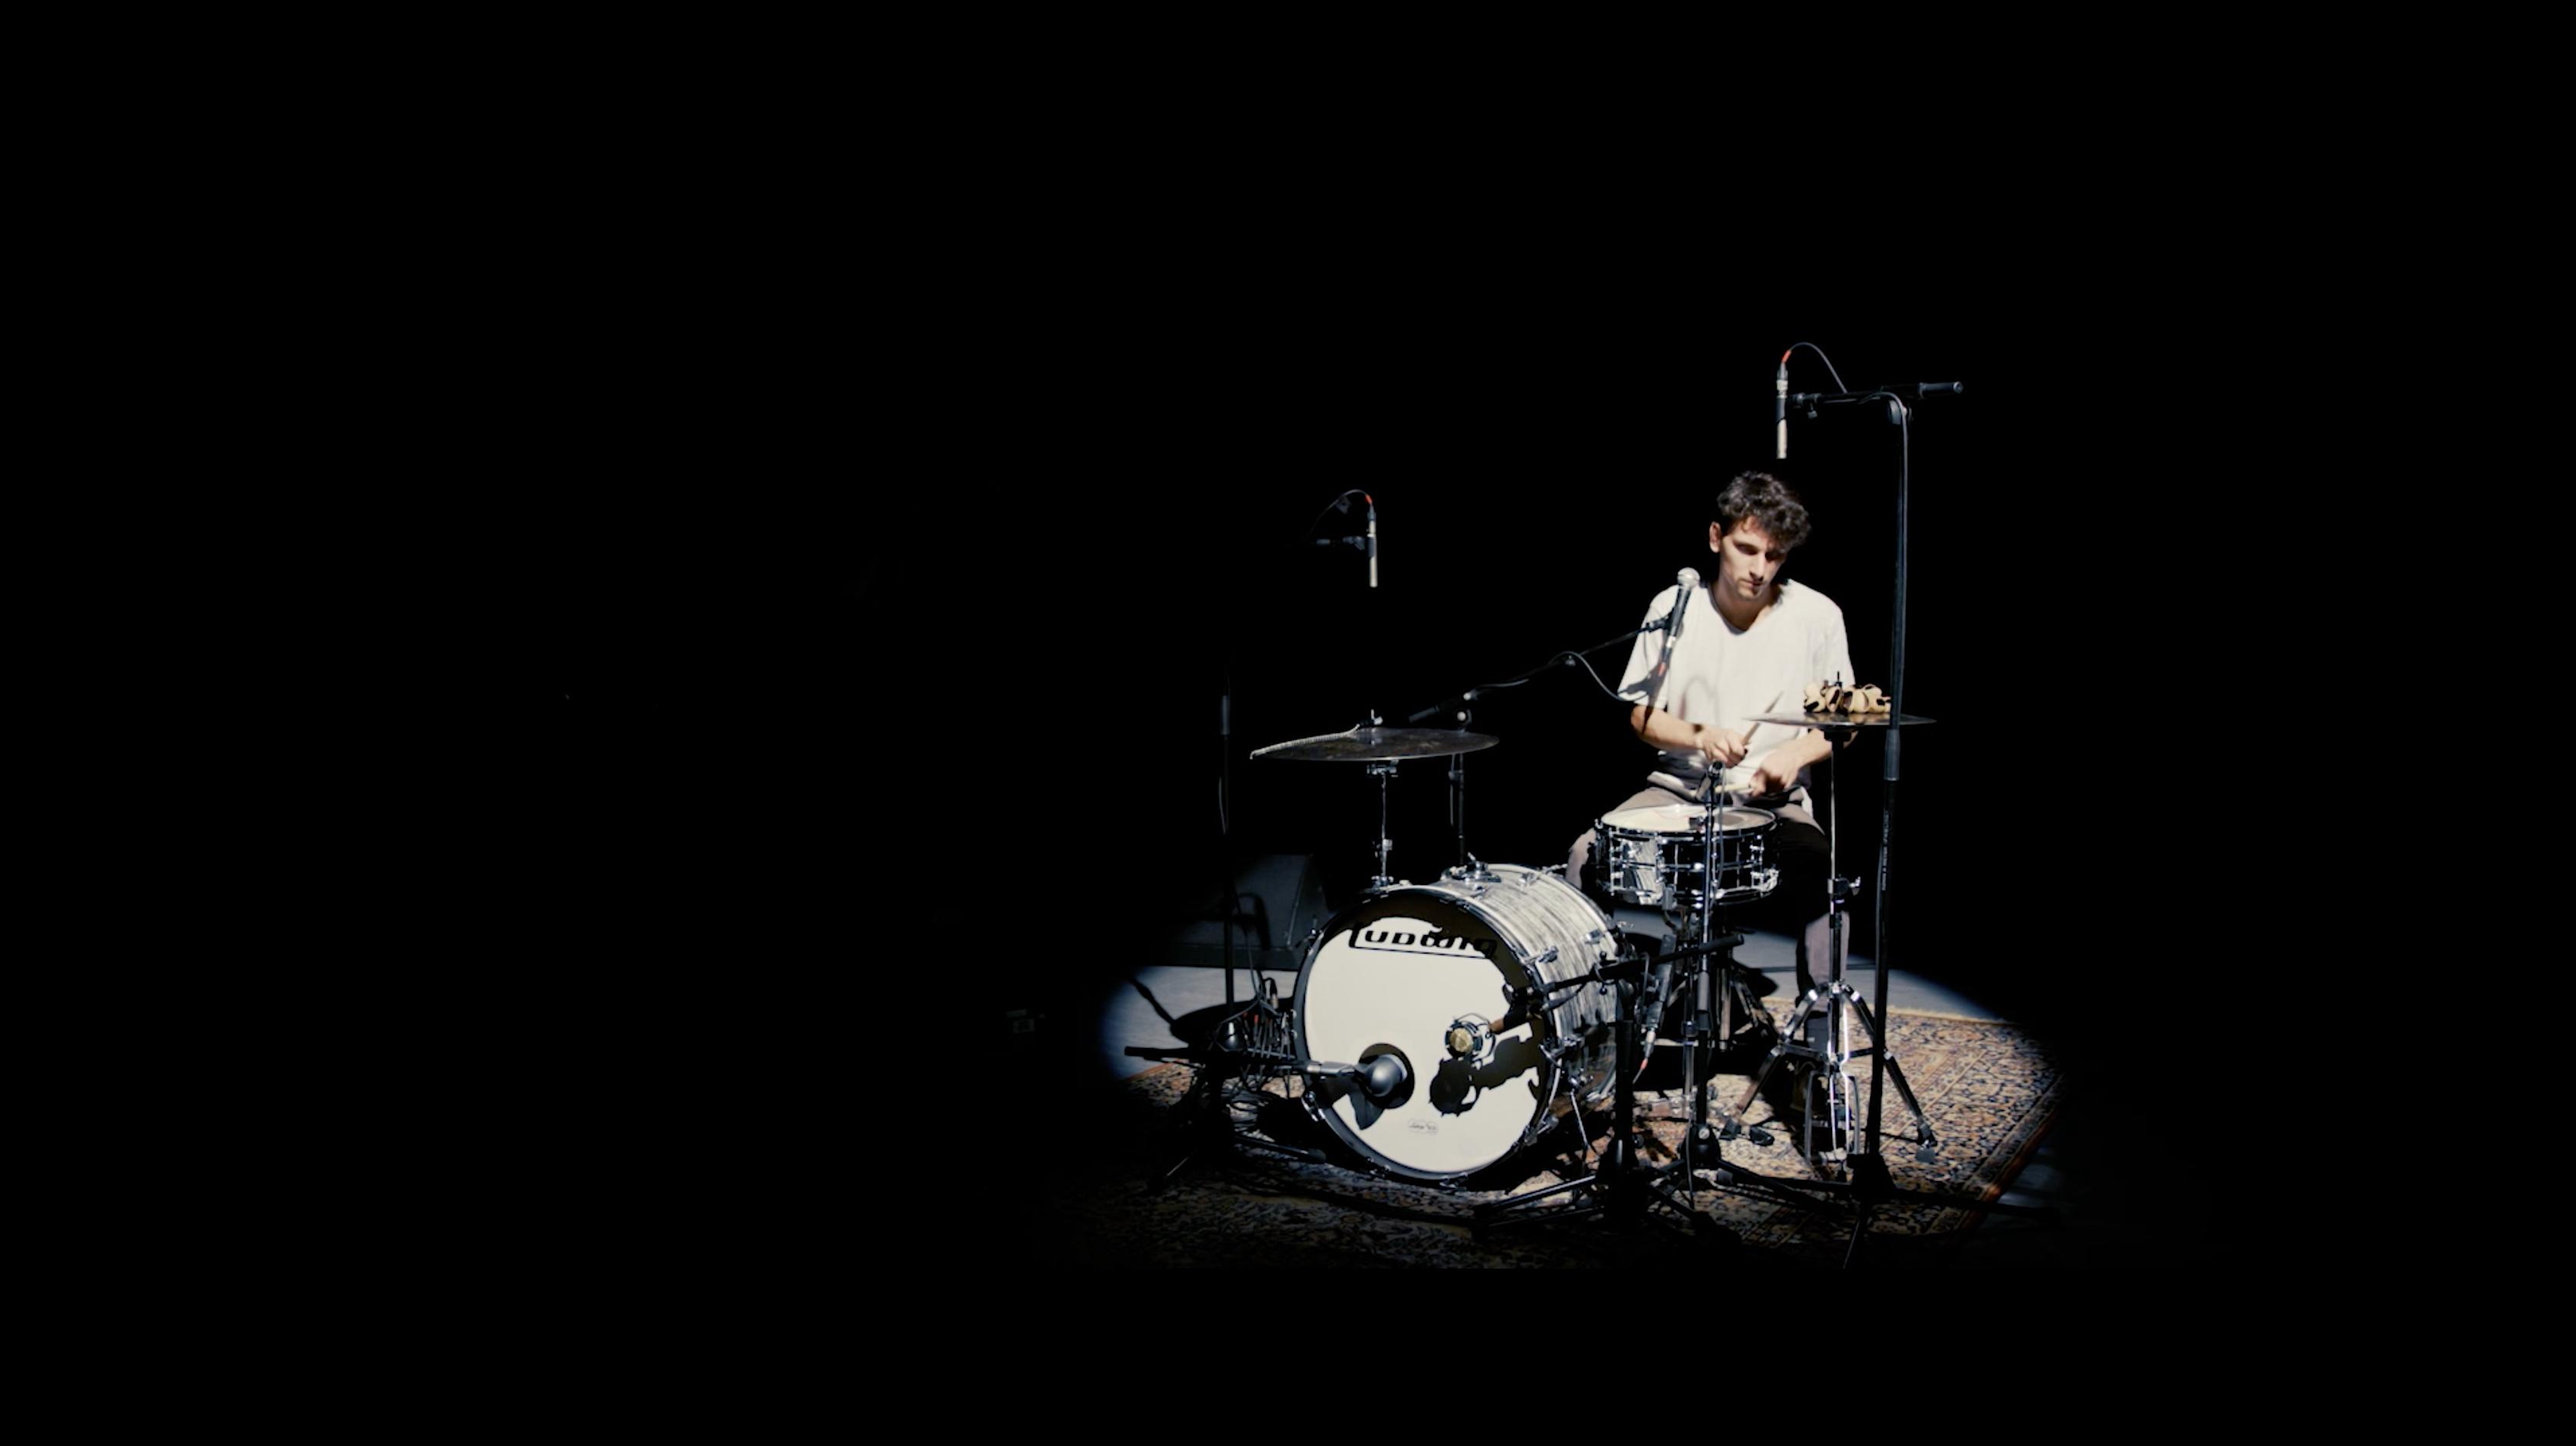 Leon Mucke spielt Schlagzeug in einem dunklen Raum